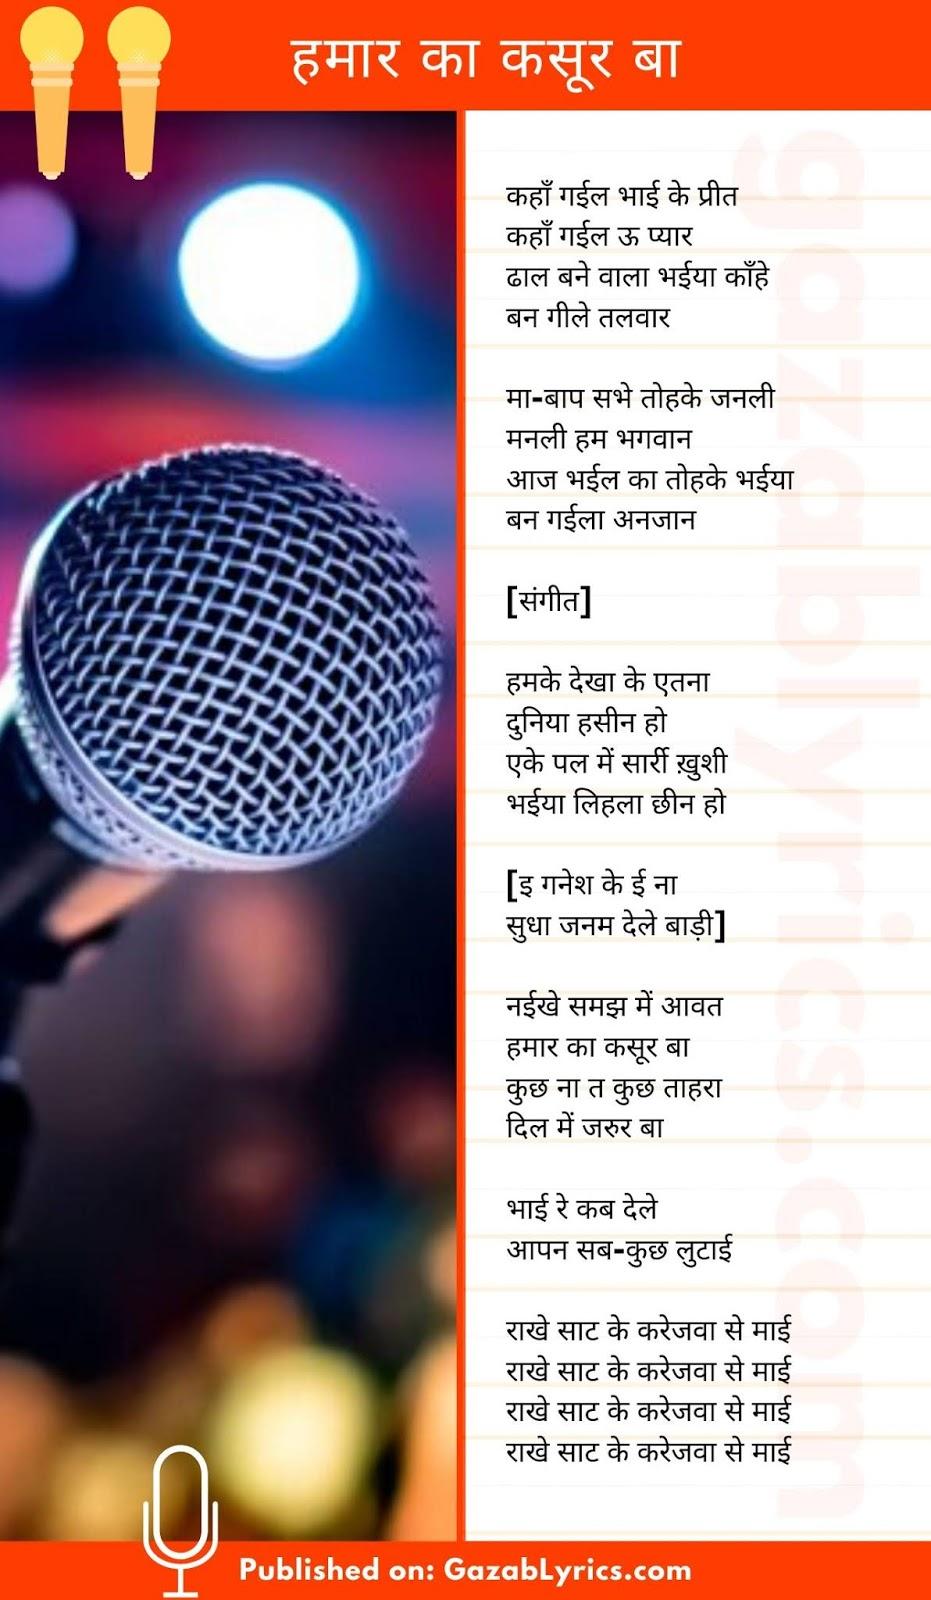 Hamar Ka Kasoor Ba song lyrics image